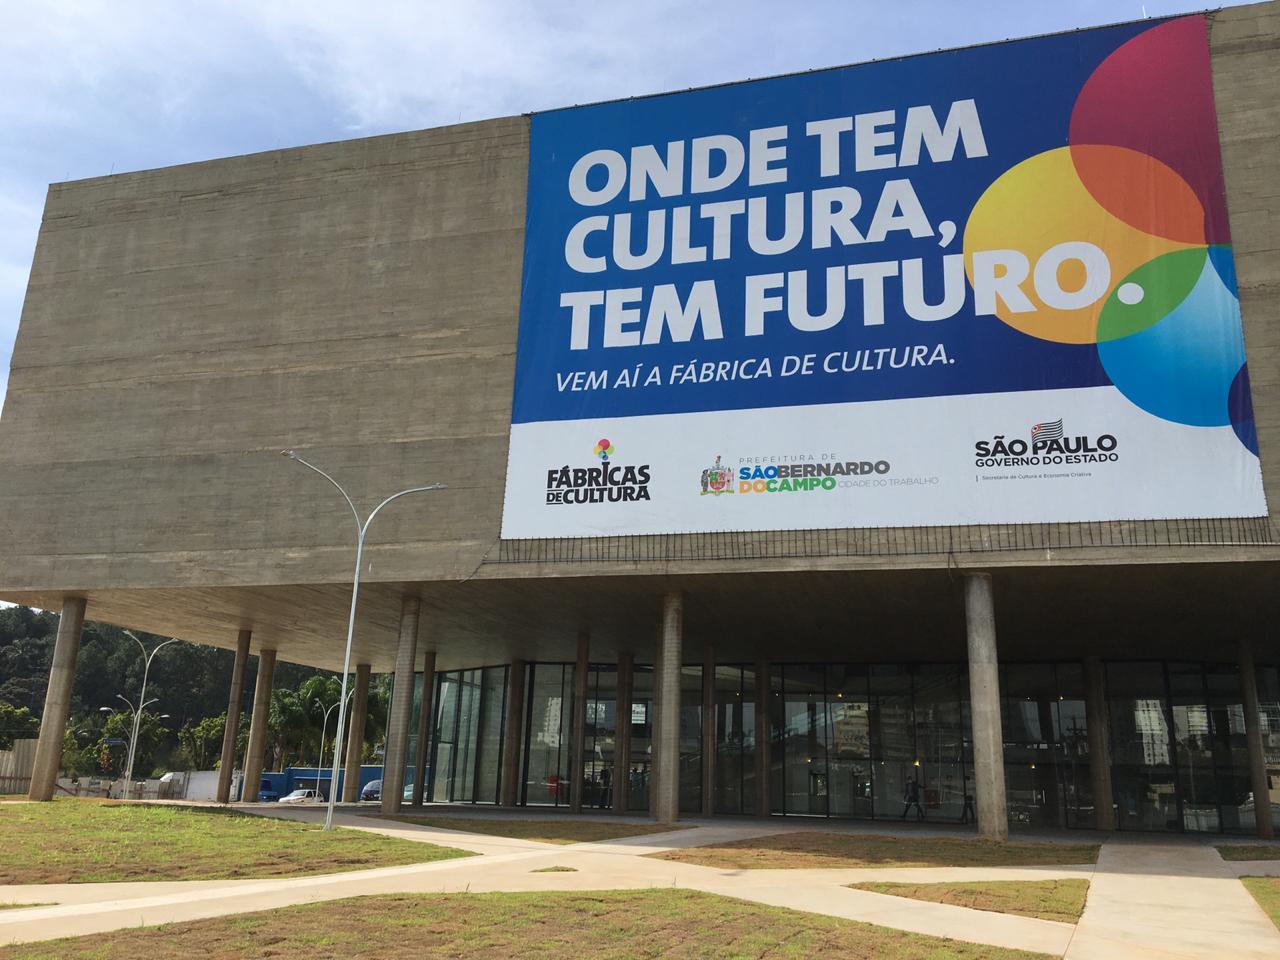 Imóvel em São Bernardo do Campo abrigará primeira Fábrica de Cultura modelo 4.0